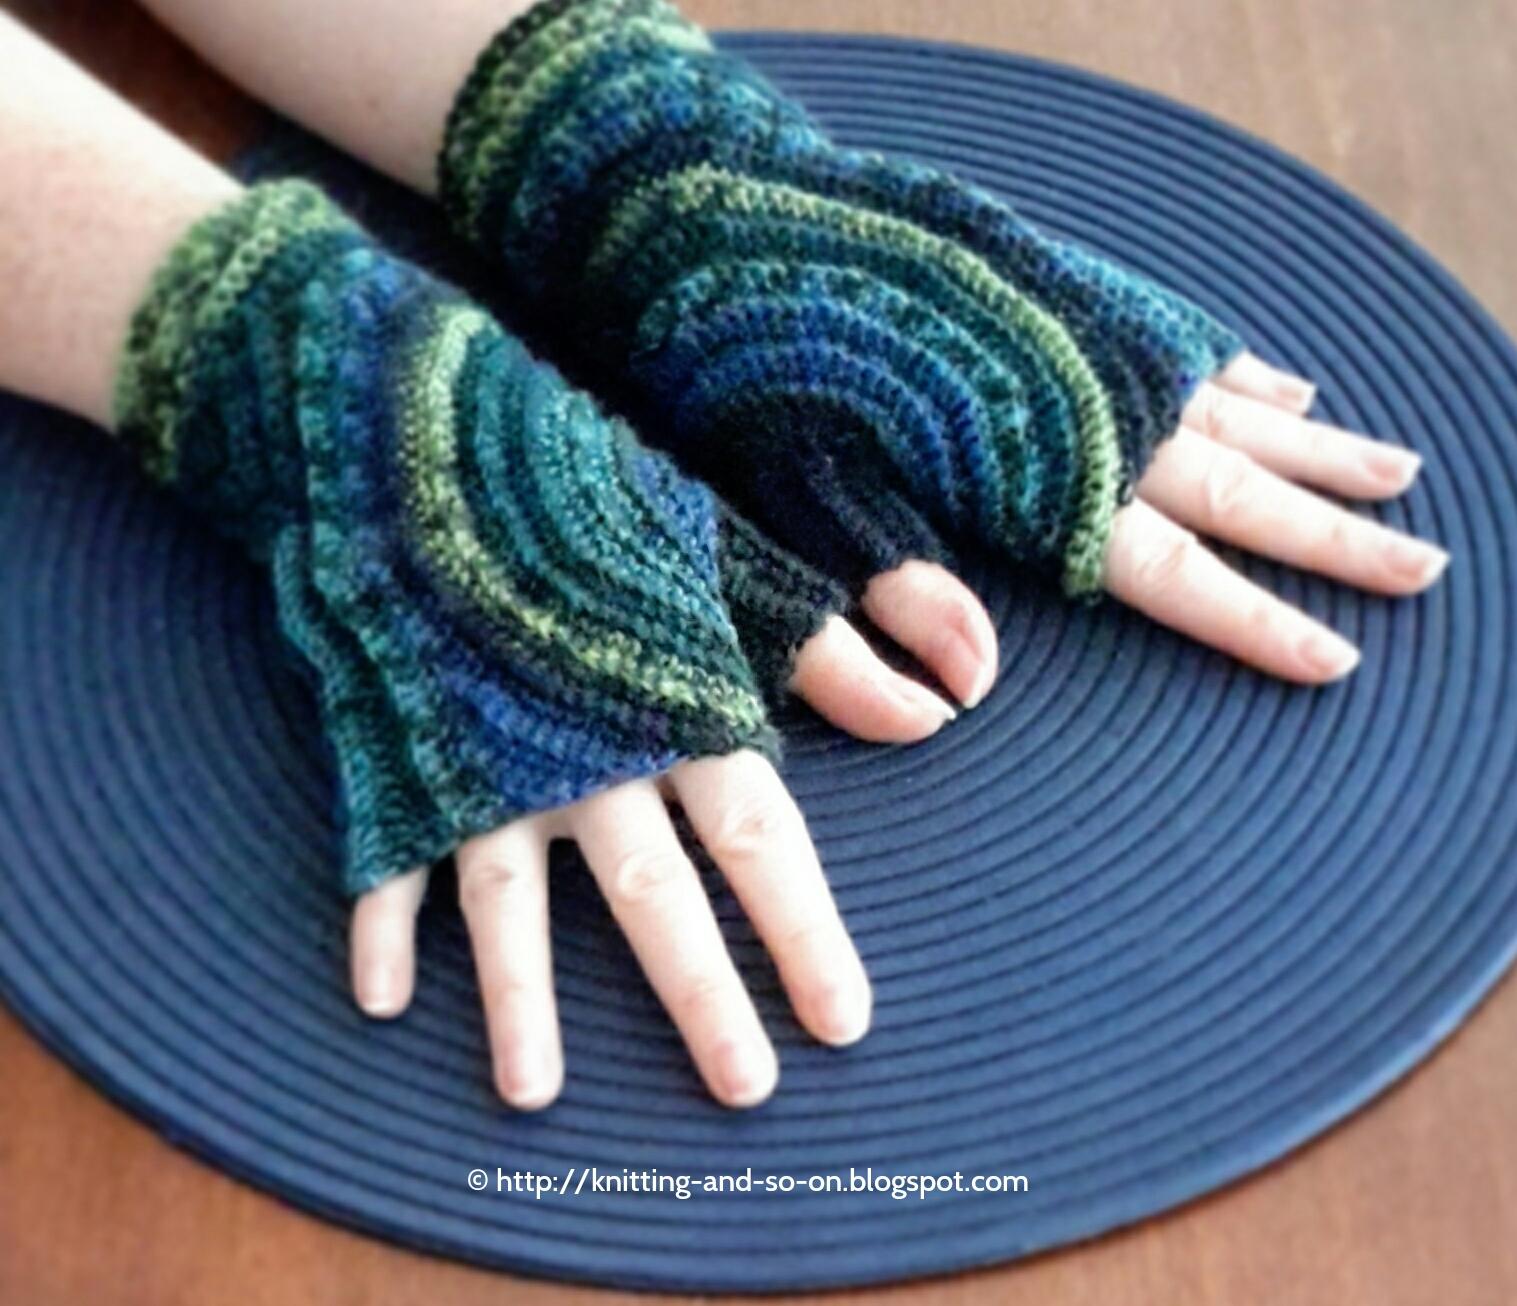 Knitting Patterns For Mittens And Gloves : Knitting and so on: Kreisel Fingerless Gloves